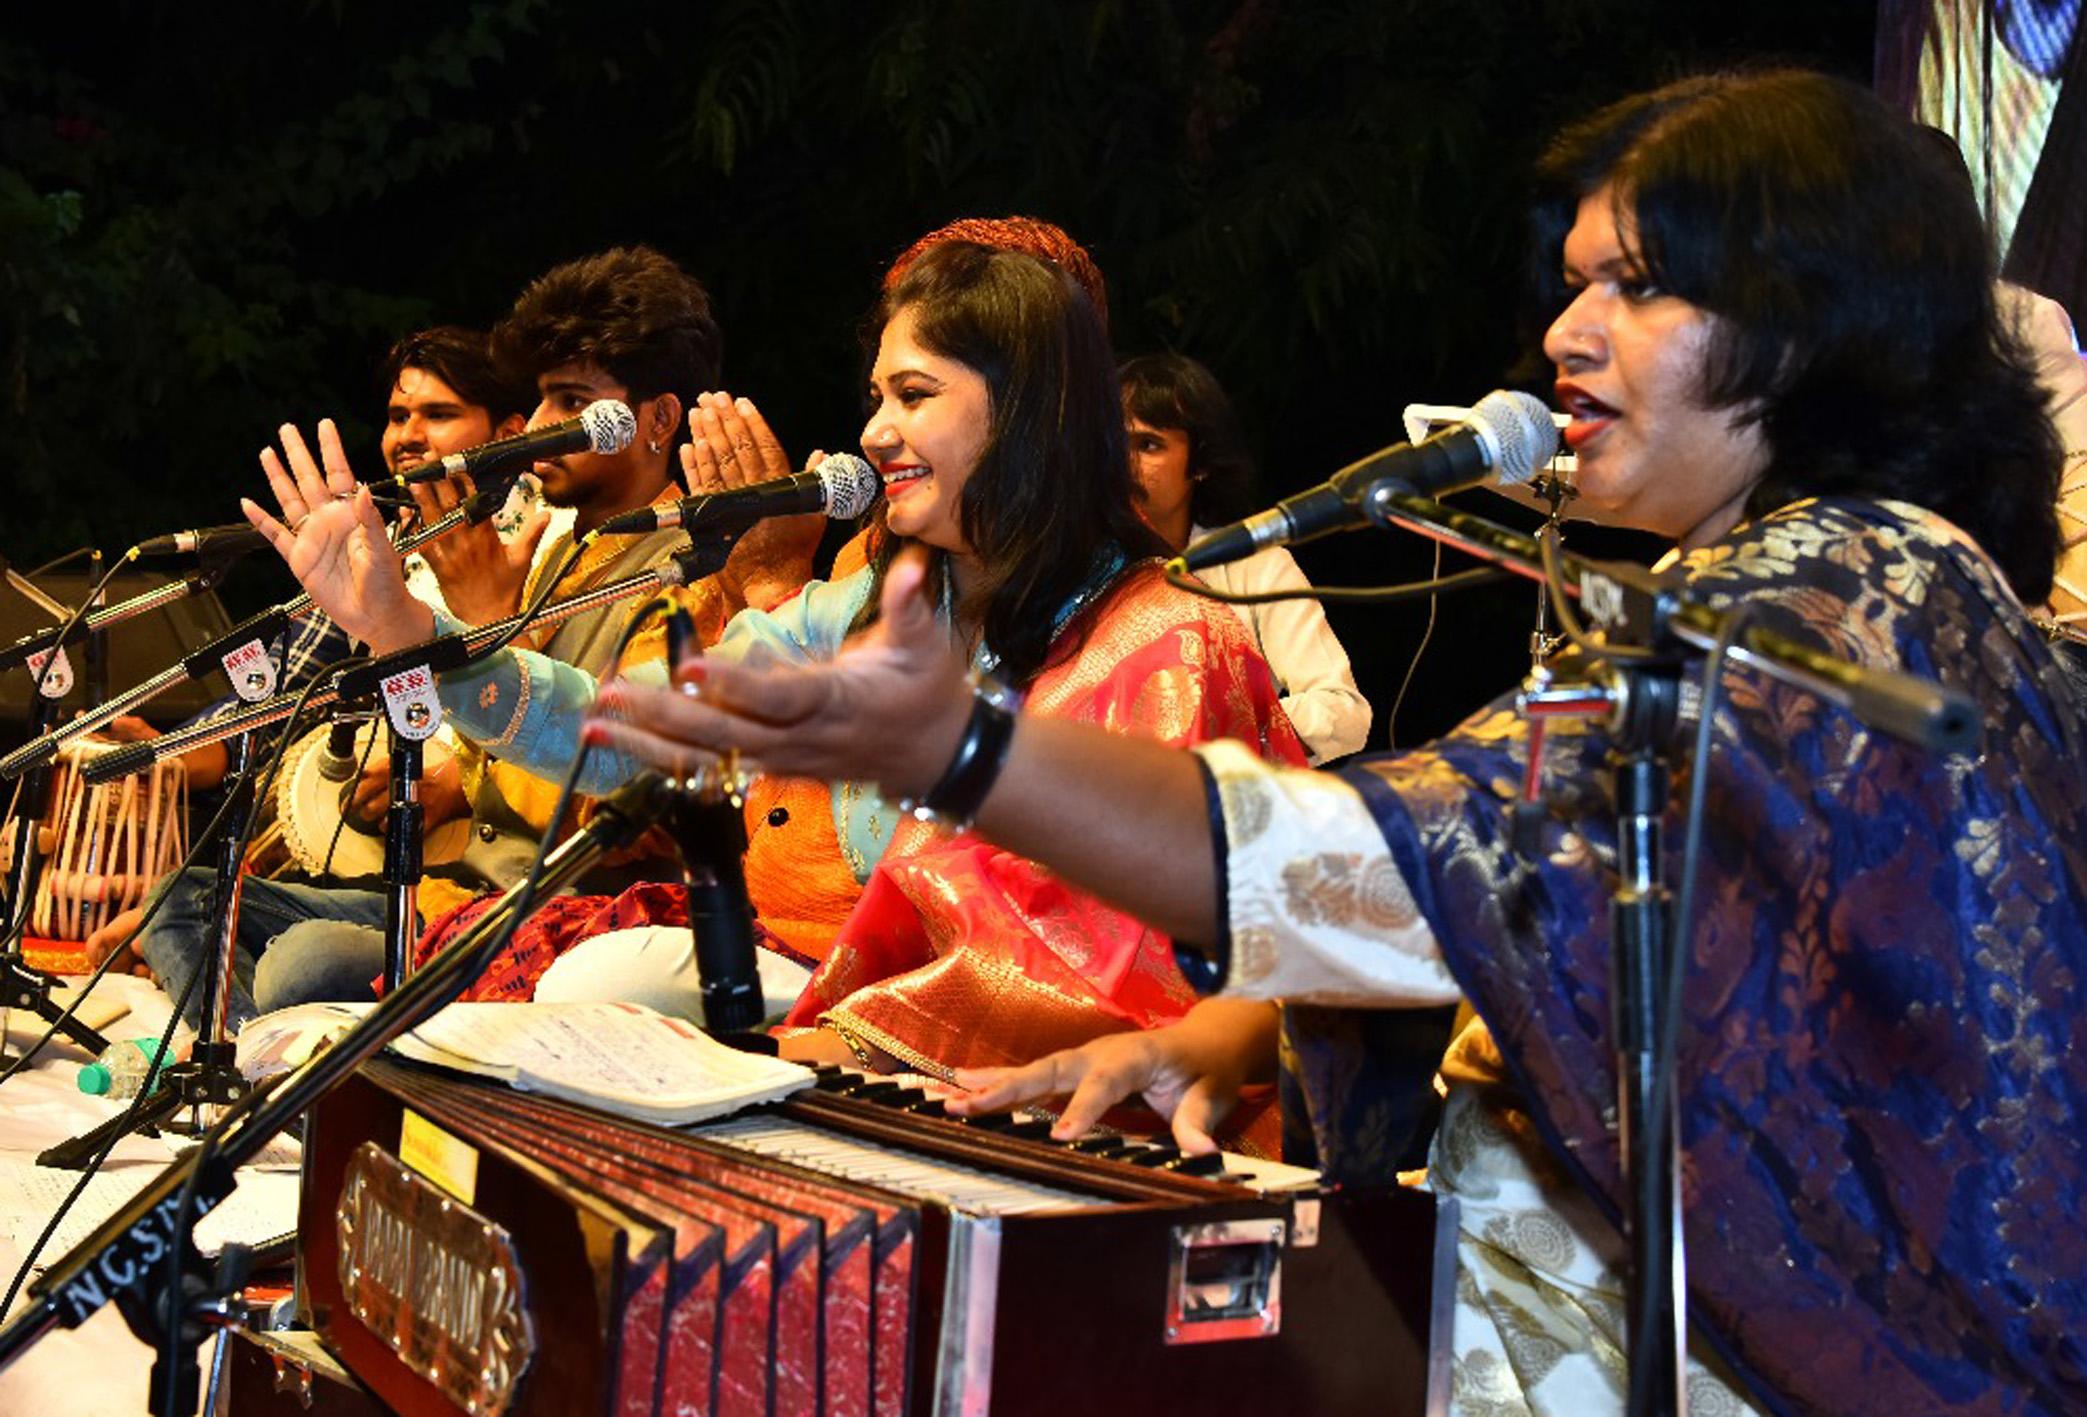 सुफी संगीत व भीमगीतांचा जलसा सादर करीत विनया-विजया जोडीची रसिकांवर मोहिनी